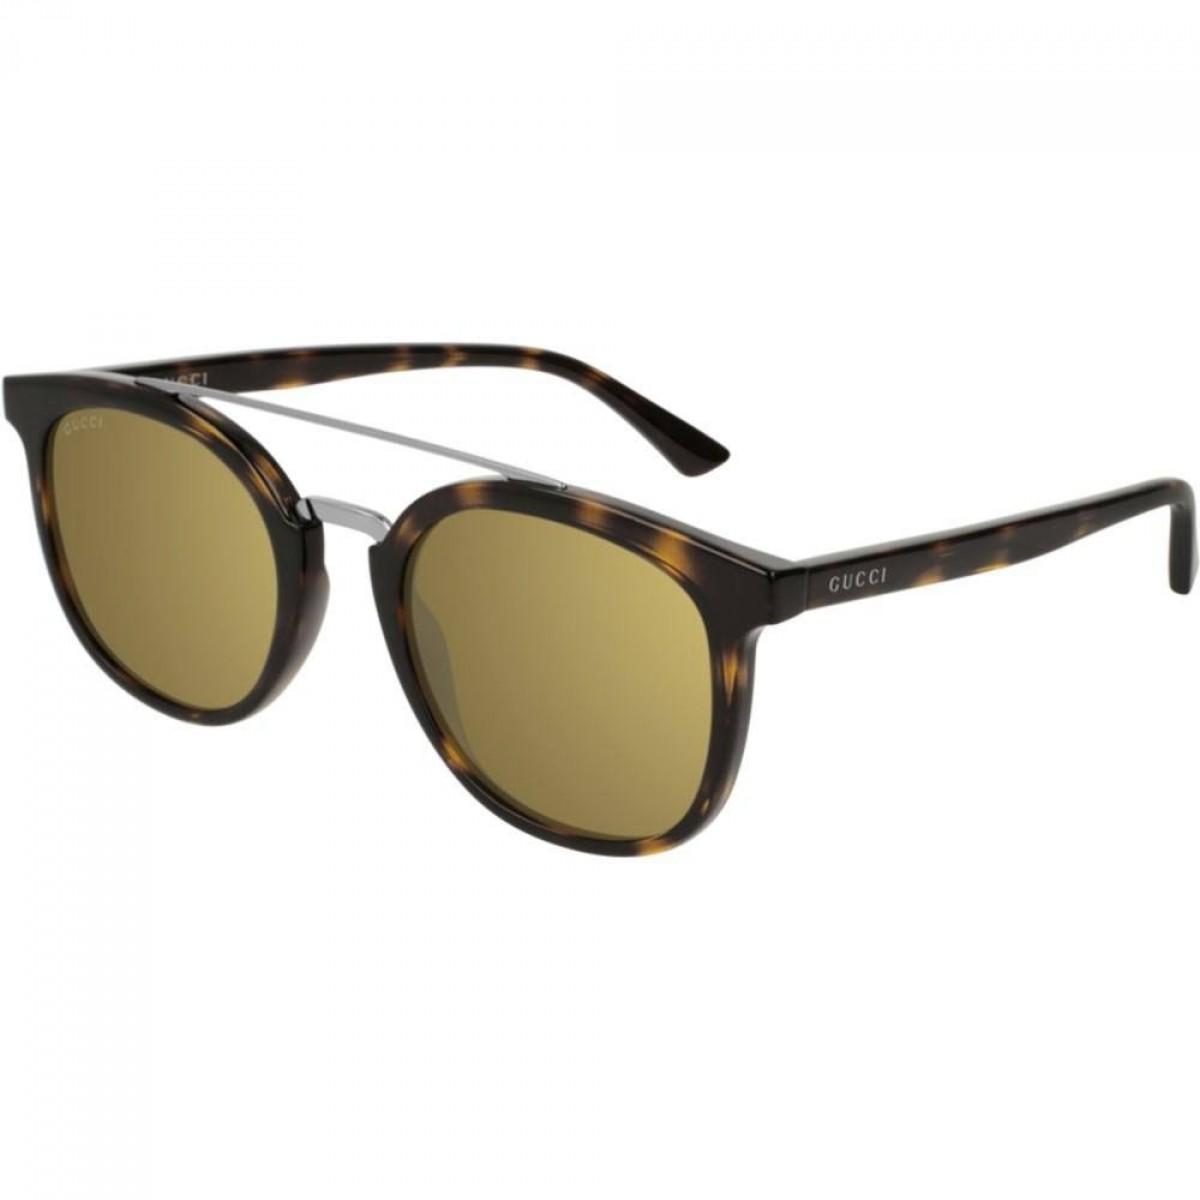 Gucci GG0403S 002 51, 167,99€, Occhiali Gucci Marrone a forma Ovale